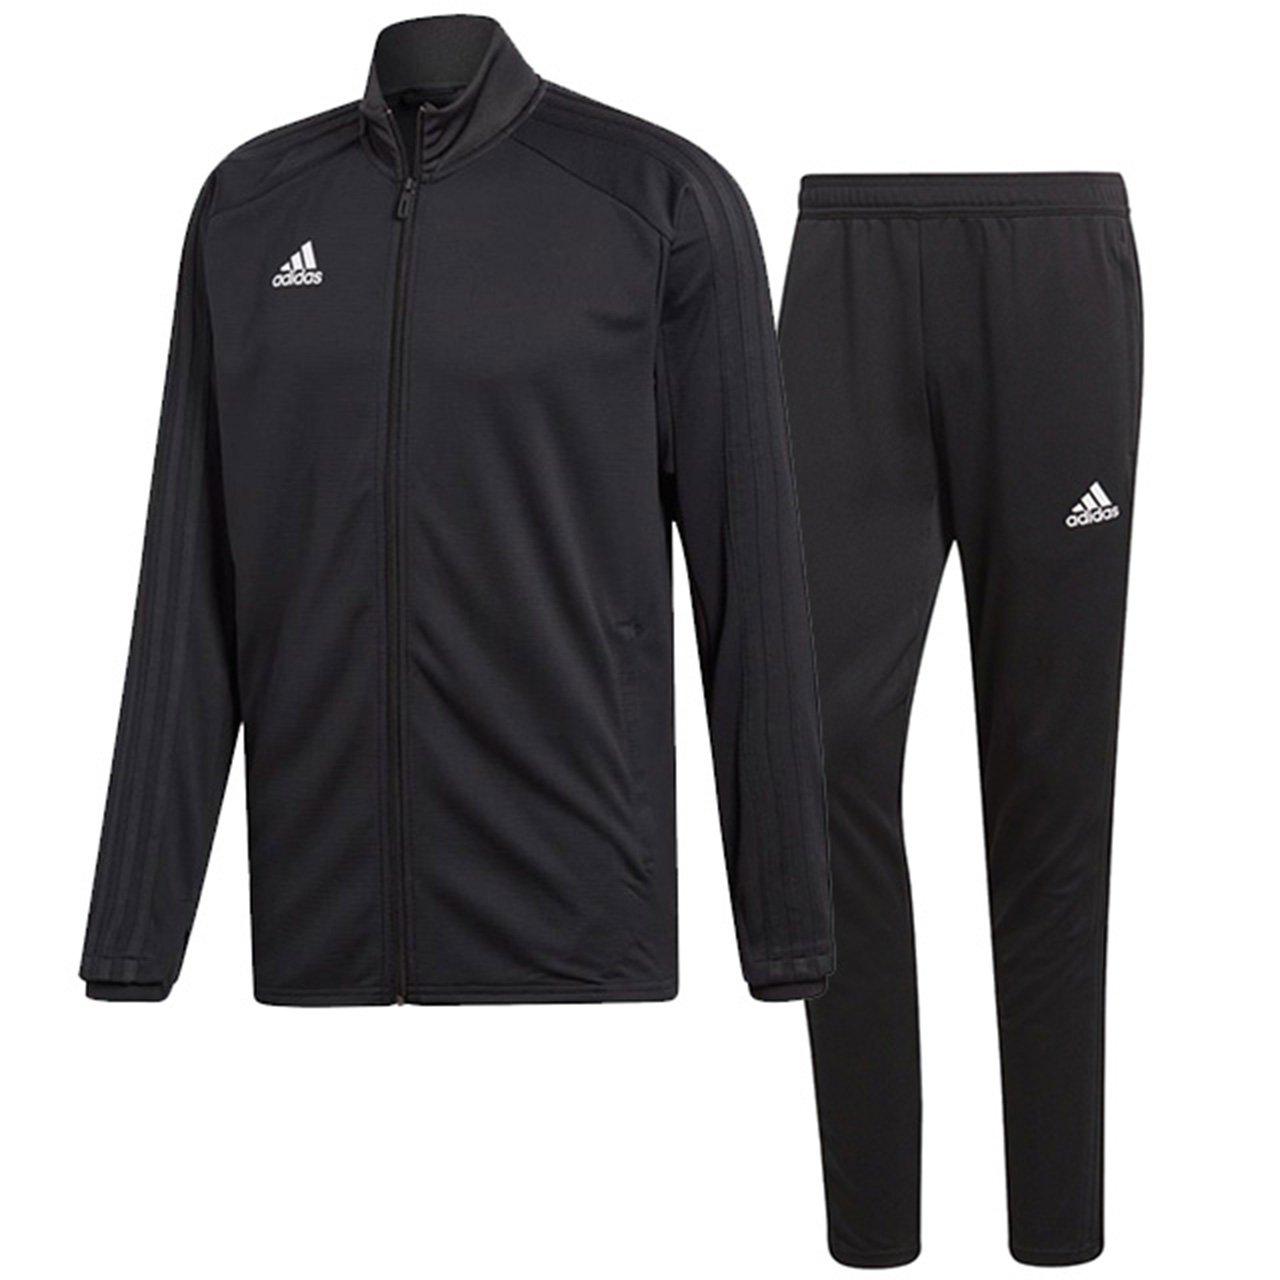 アディダス(adidas) CONDIVO18 トレーニングウエア 上下セット(ブラック/ブラック) DJV56-CG0404-DJU99-BS0526 B0798BPTZ4 日本 J/S-(日本サイズS相当) ブラック/ブラック ブラック/ブラック 日本 J/S-(日本サイズS相当)